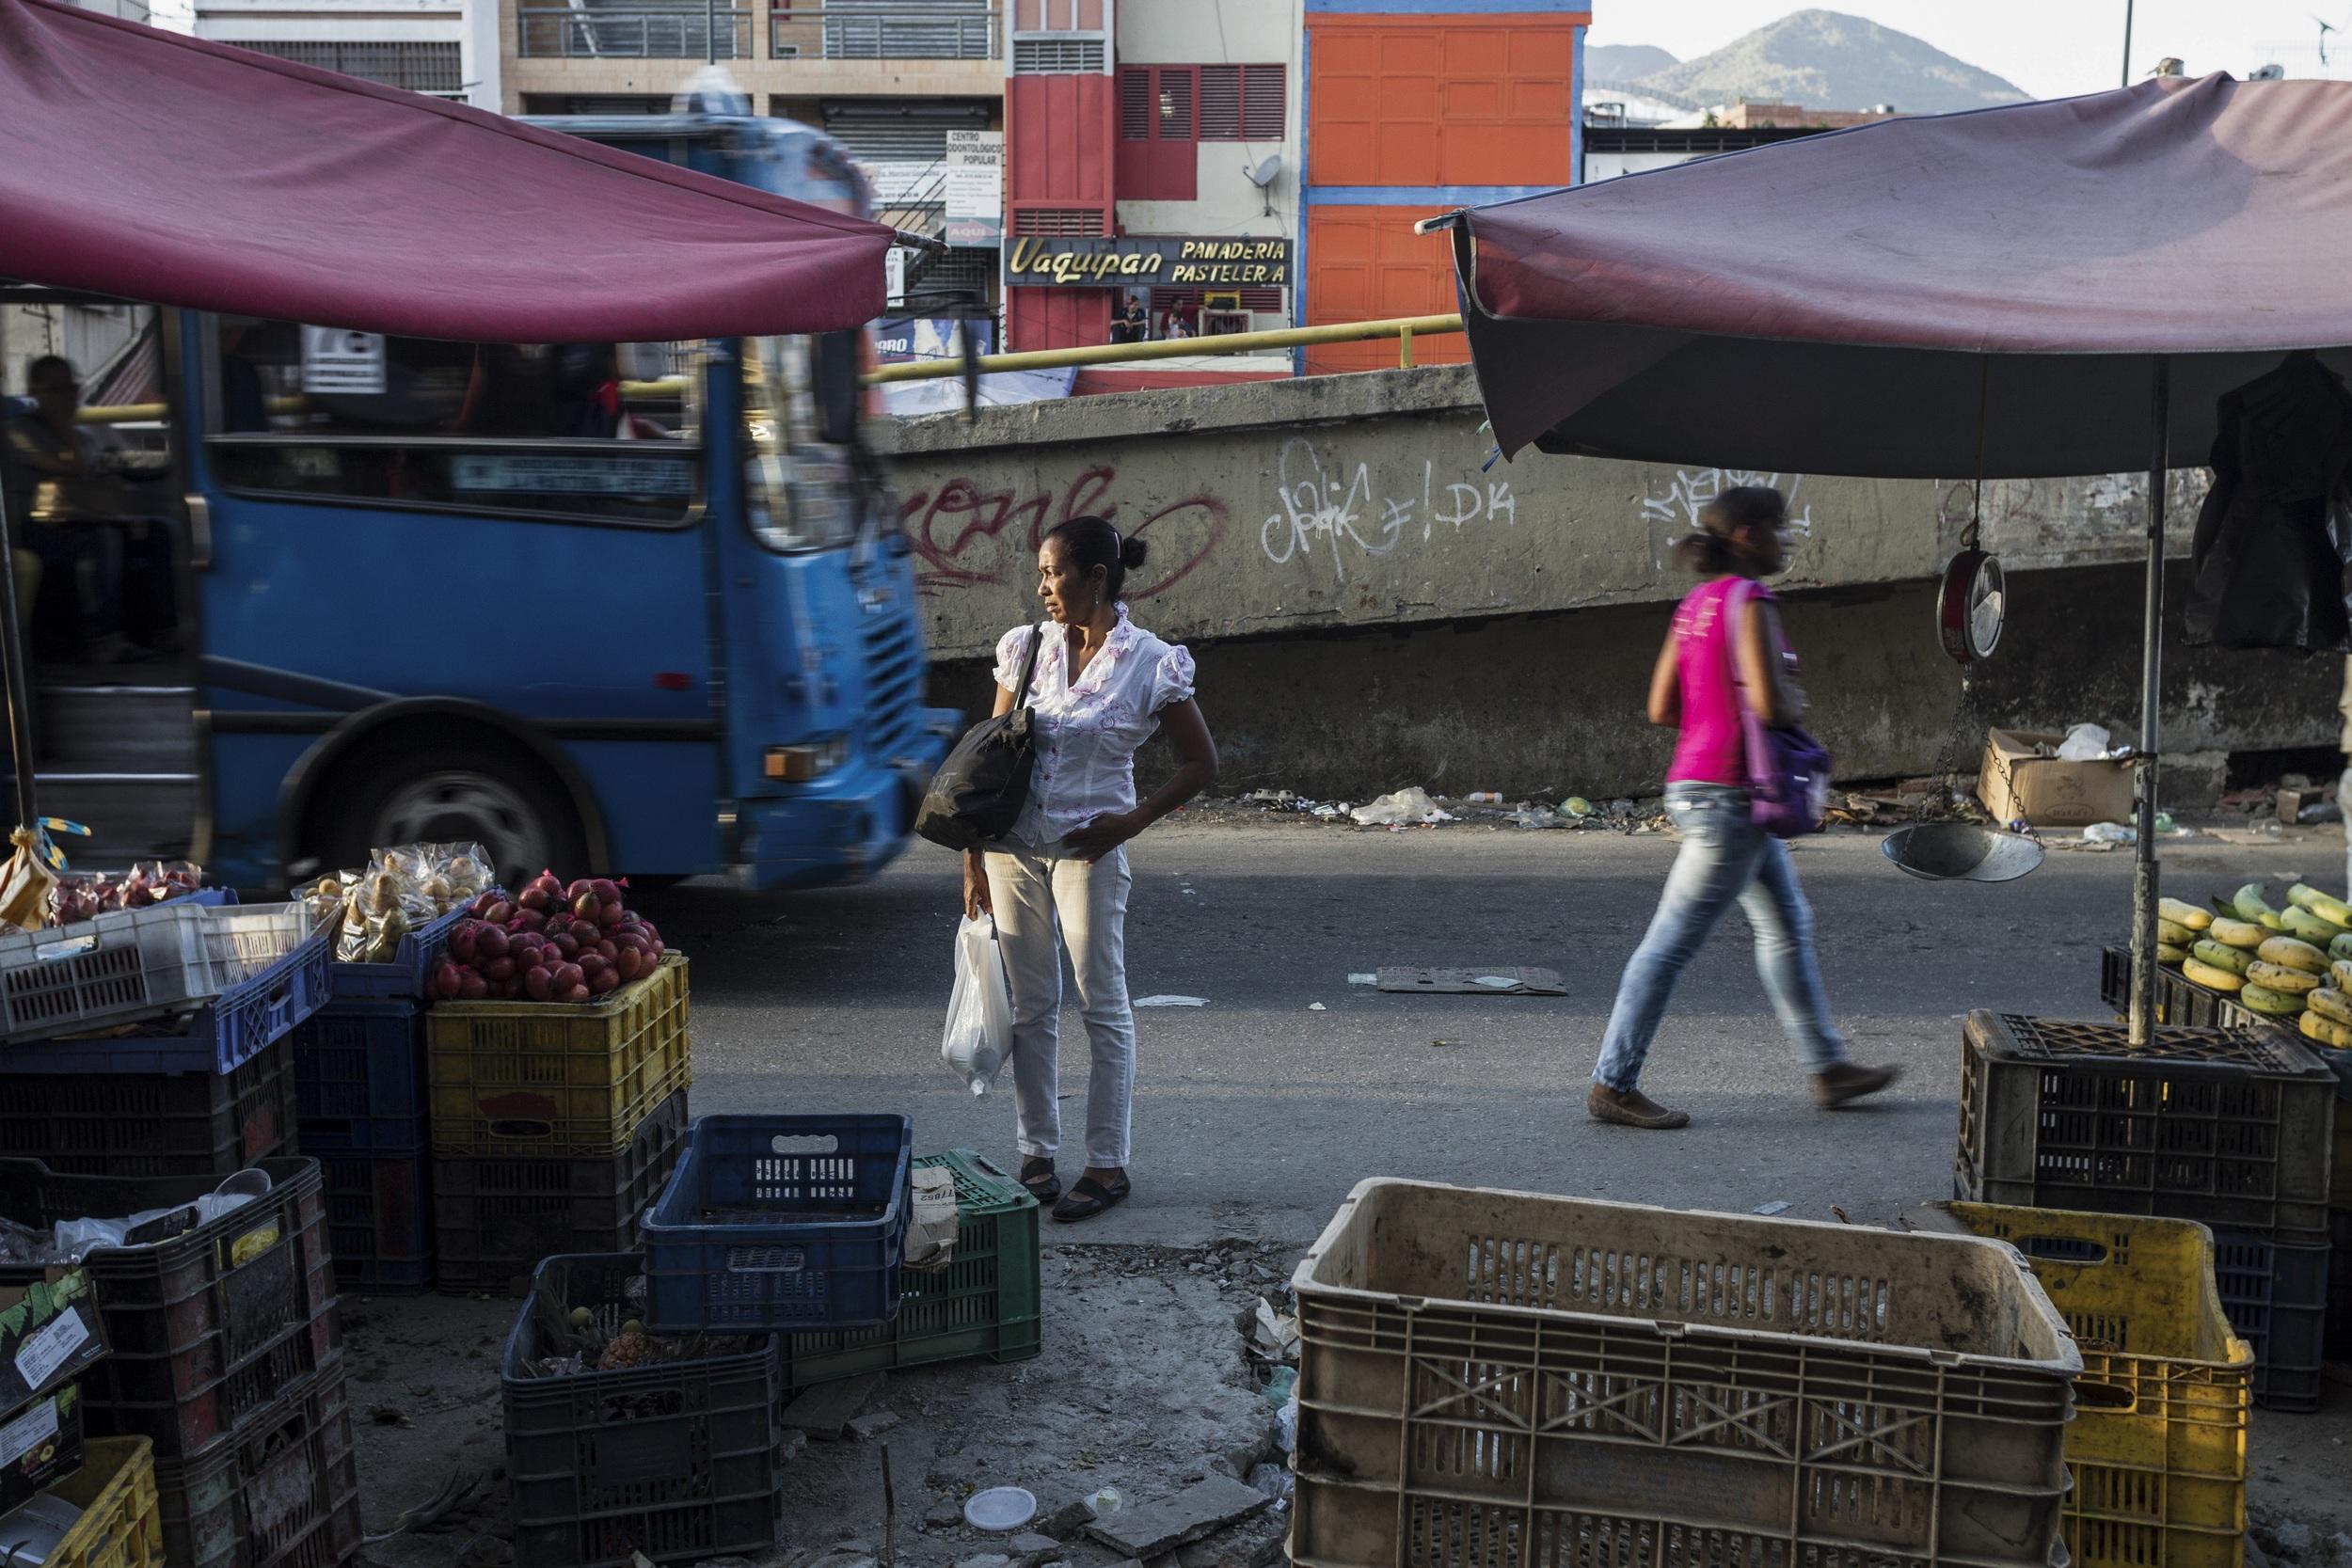 """""""Each inhabitant of Caracas has 1.04 m2 of green space, representing a 90% deficit according to the requirements of the World Health Organization.""""(Source: IVAD 2012)   """"  Cada caraque–o cuenta con 1,04 m2 de áreas verdes, 90% de déficit segœn los requerimientos de la Organizaci—n Mundial de la Salud.  """"   (Fuente: IVAD 2012)"""